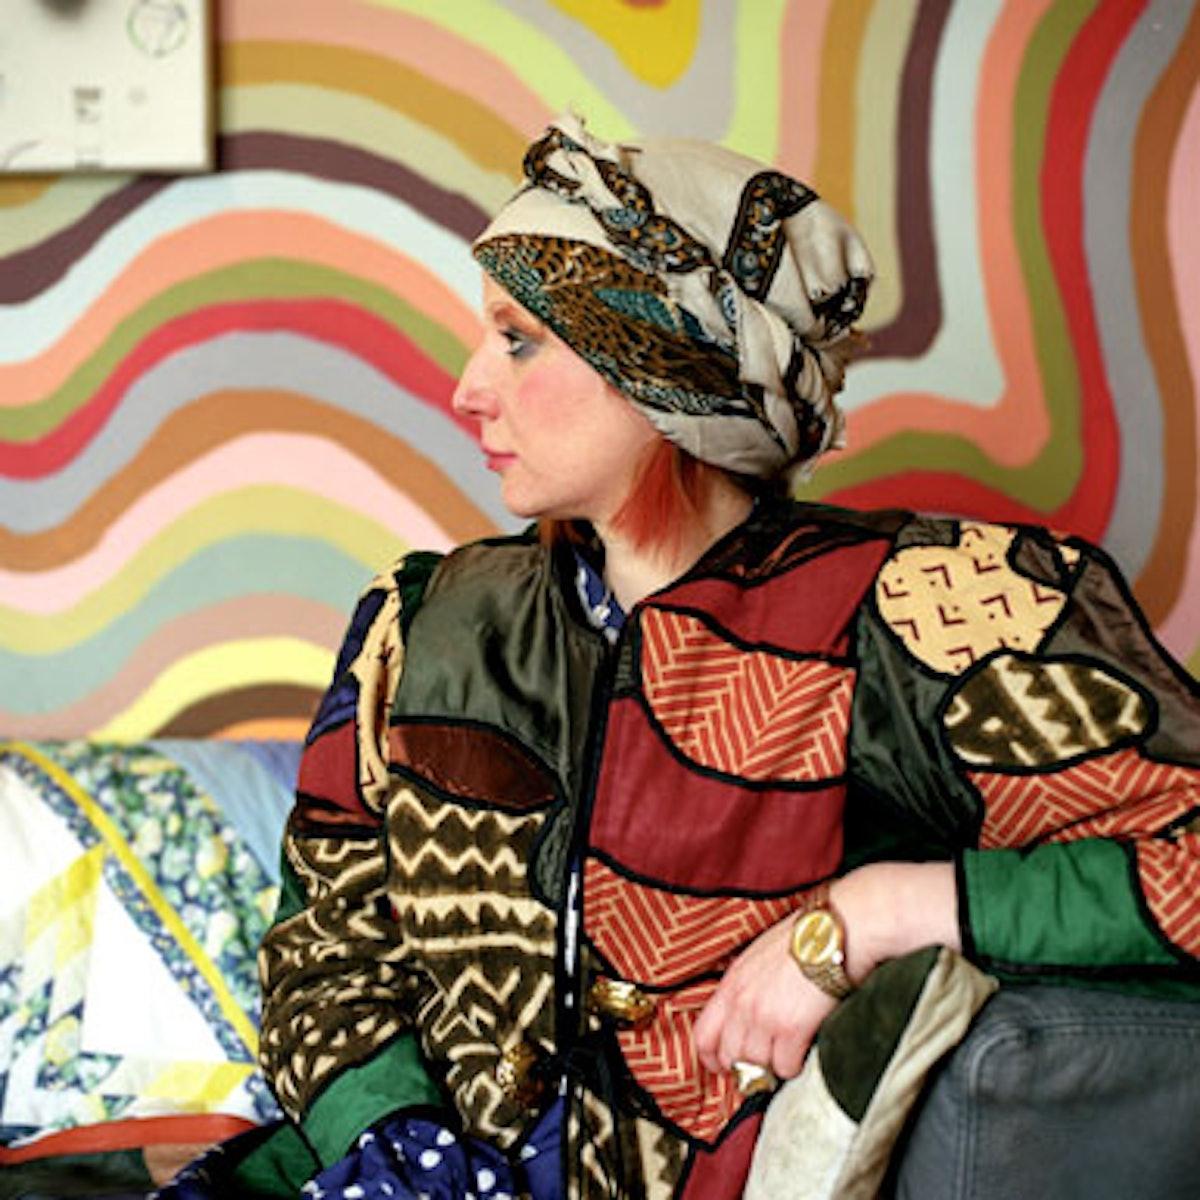 blog-julie-verhoeven-fashion-illustration-01.jpg